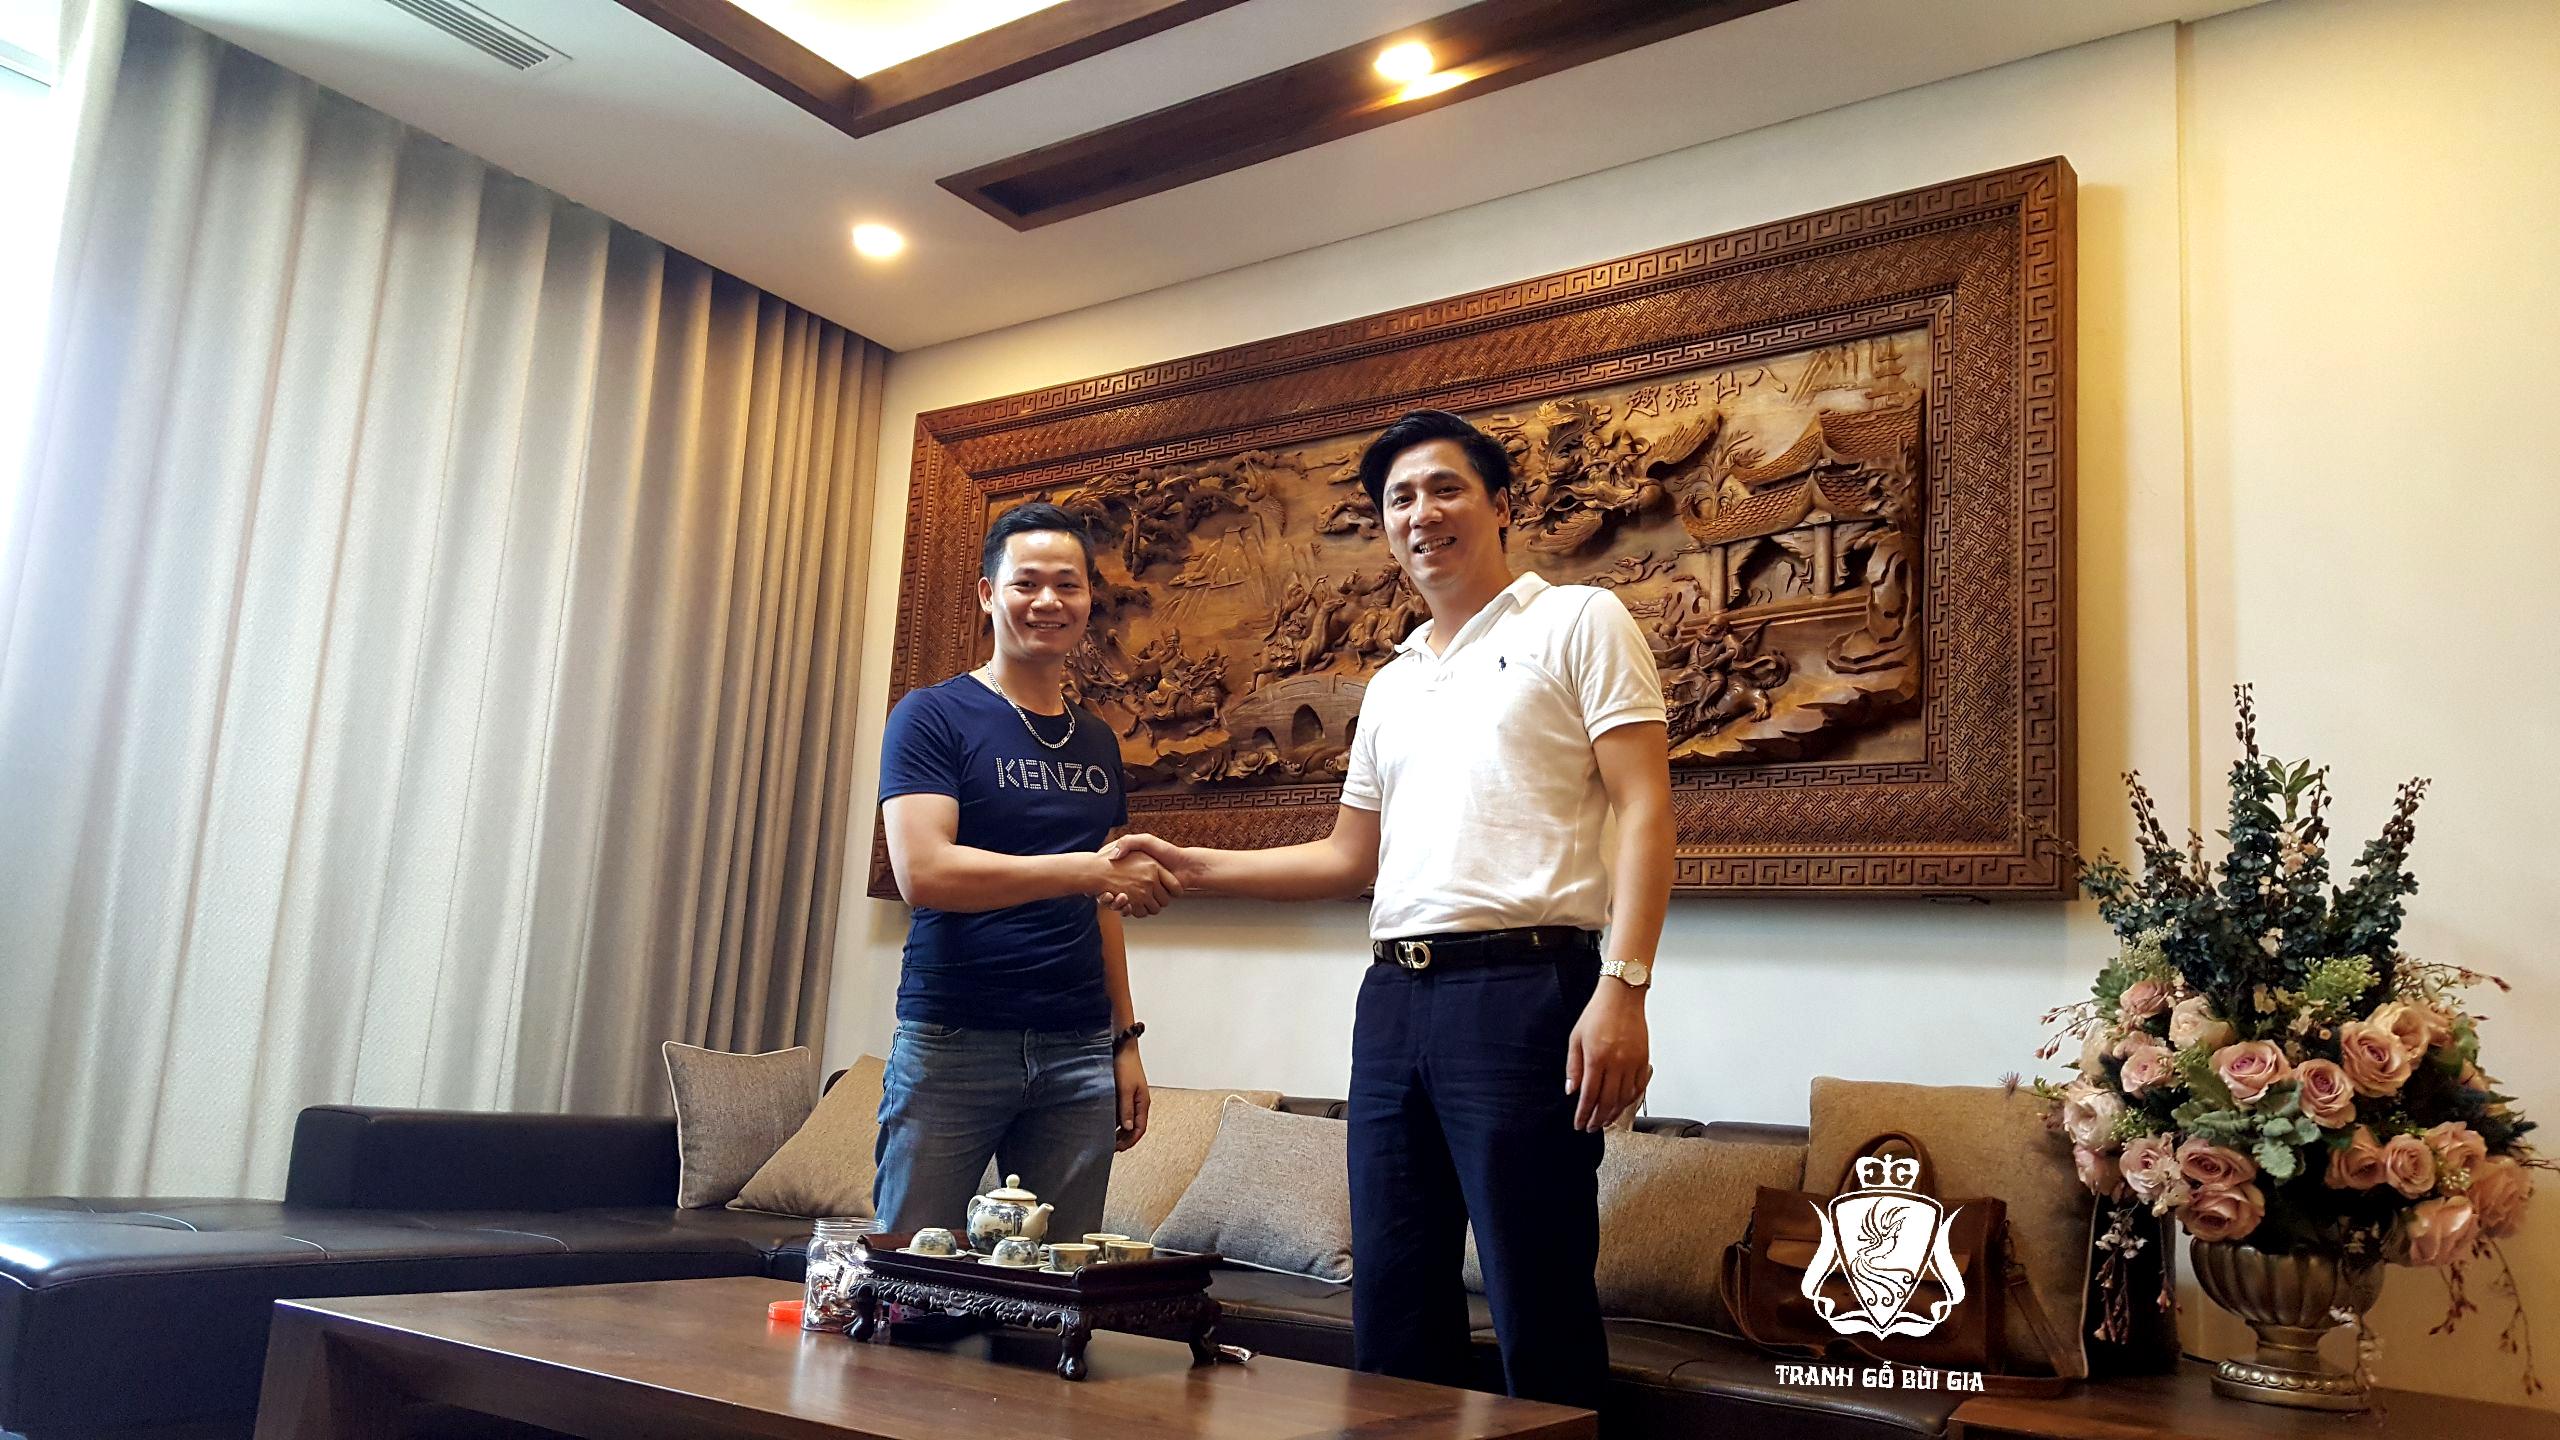 Doanh nhân Đỗ Thanh - PCT Taseco Group